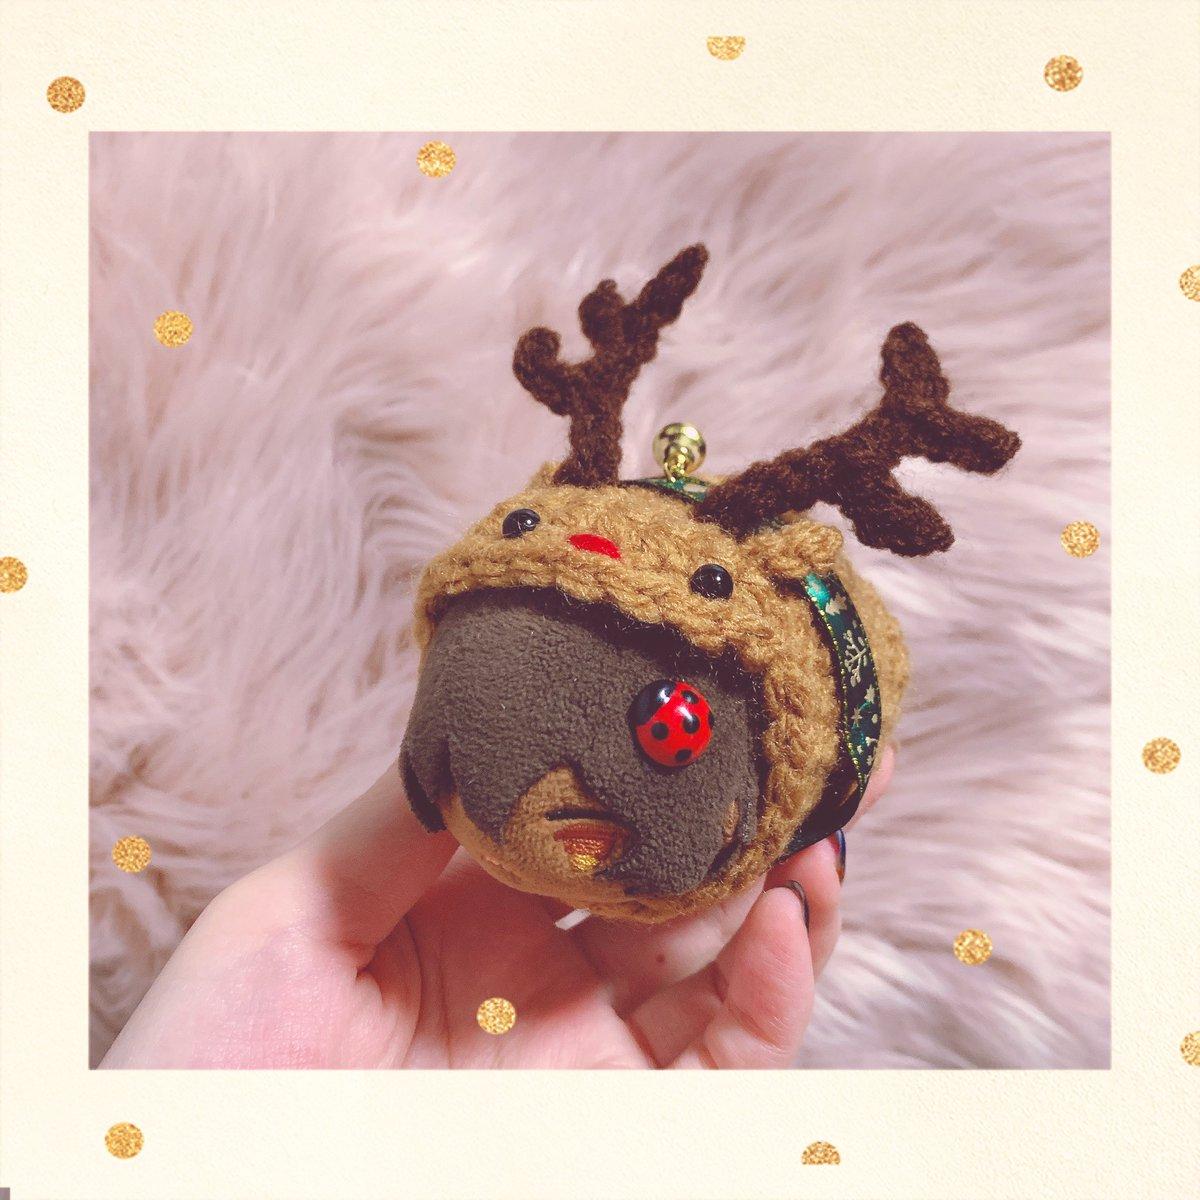 test ツイッターメディア - 八雲様( @yakumo_contact )のクリスマスもち着ぐるみが届きました…🎄🎅🏻🎁💕 ツリーがめちゃくちゃ迫力あって凄くて感動…😭💕 どこかイルミネーションある所連れて行きたい😭ありがとうございました…! https://t.co/GWsG9ei69I